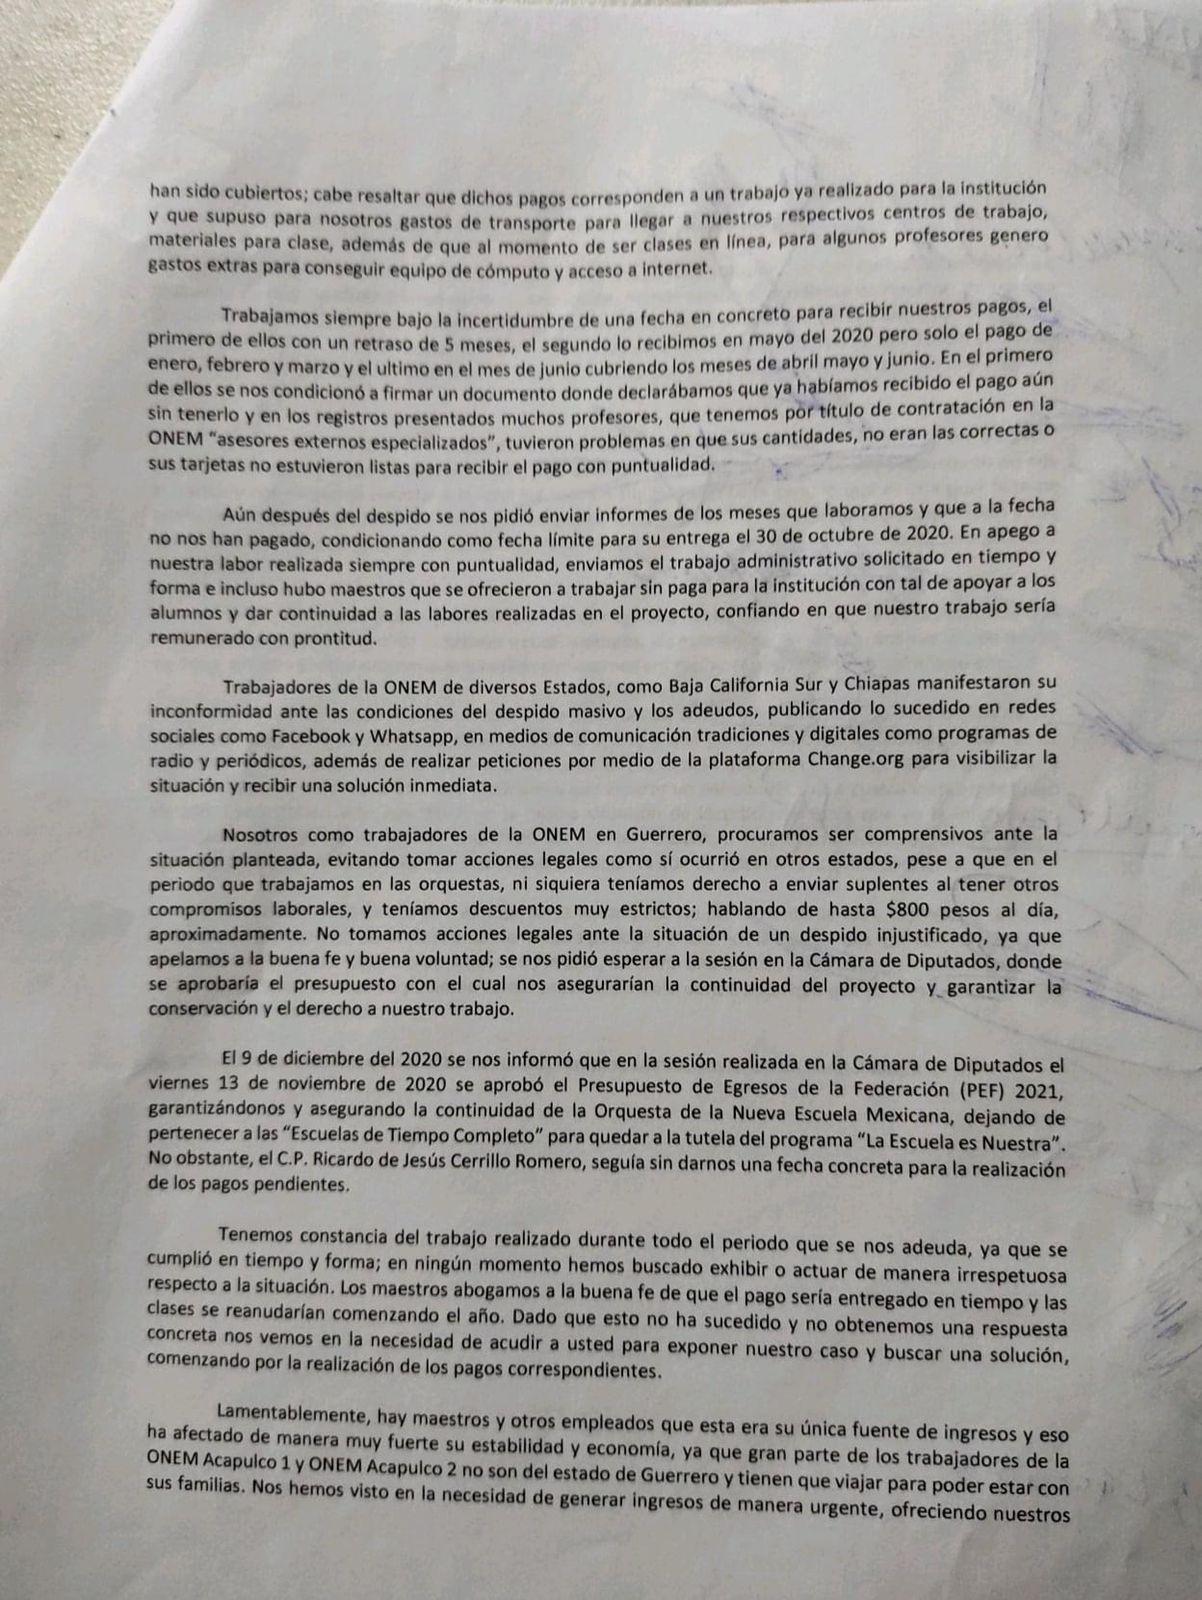 Gobierno de Guerrero también adeuda salarios a ex maestros de la ONEM 2